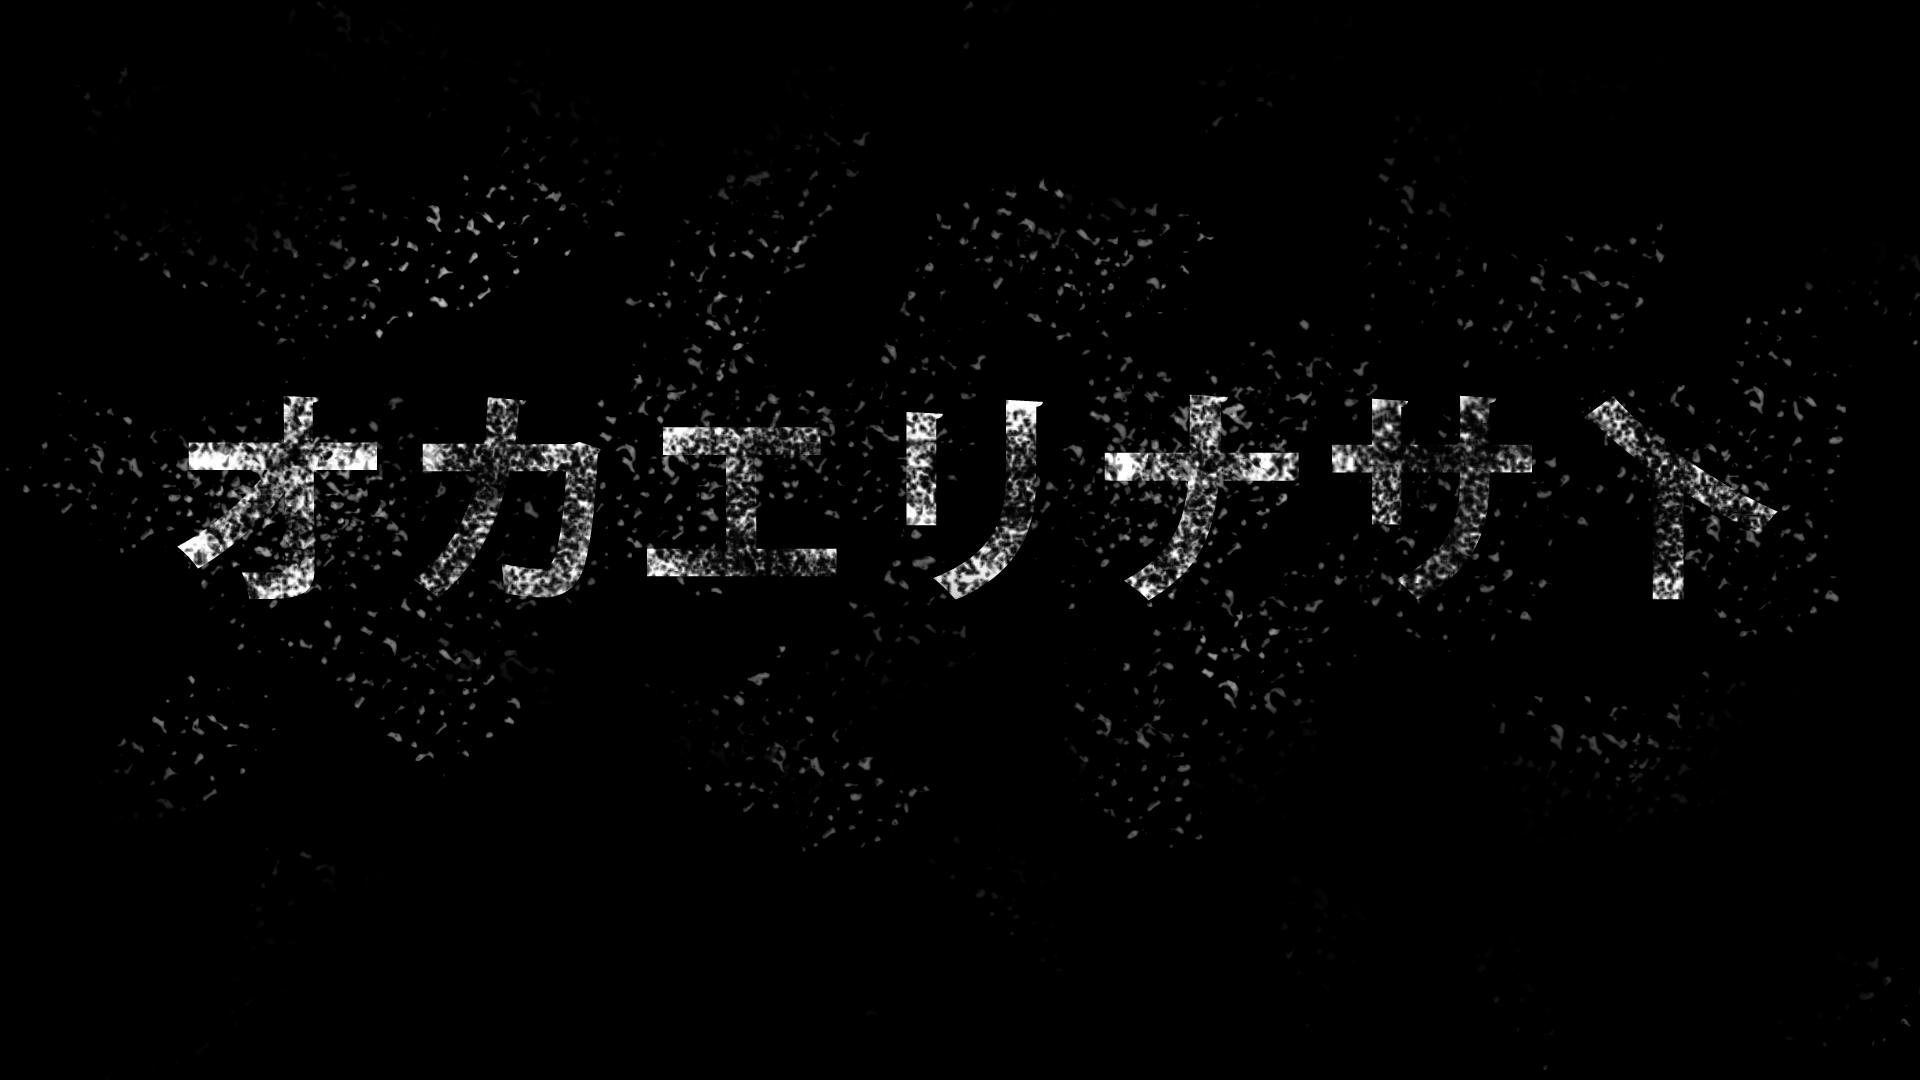 Japanese Word Desktop Wallpapers - Top Free Japanese Word